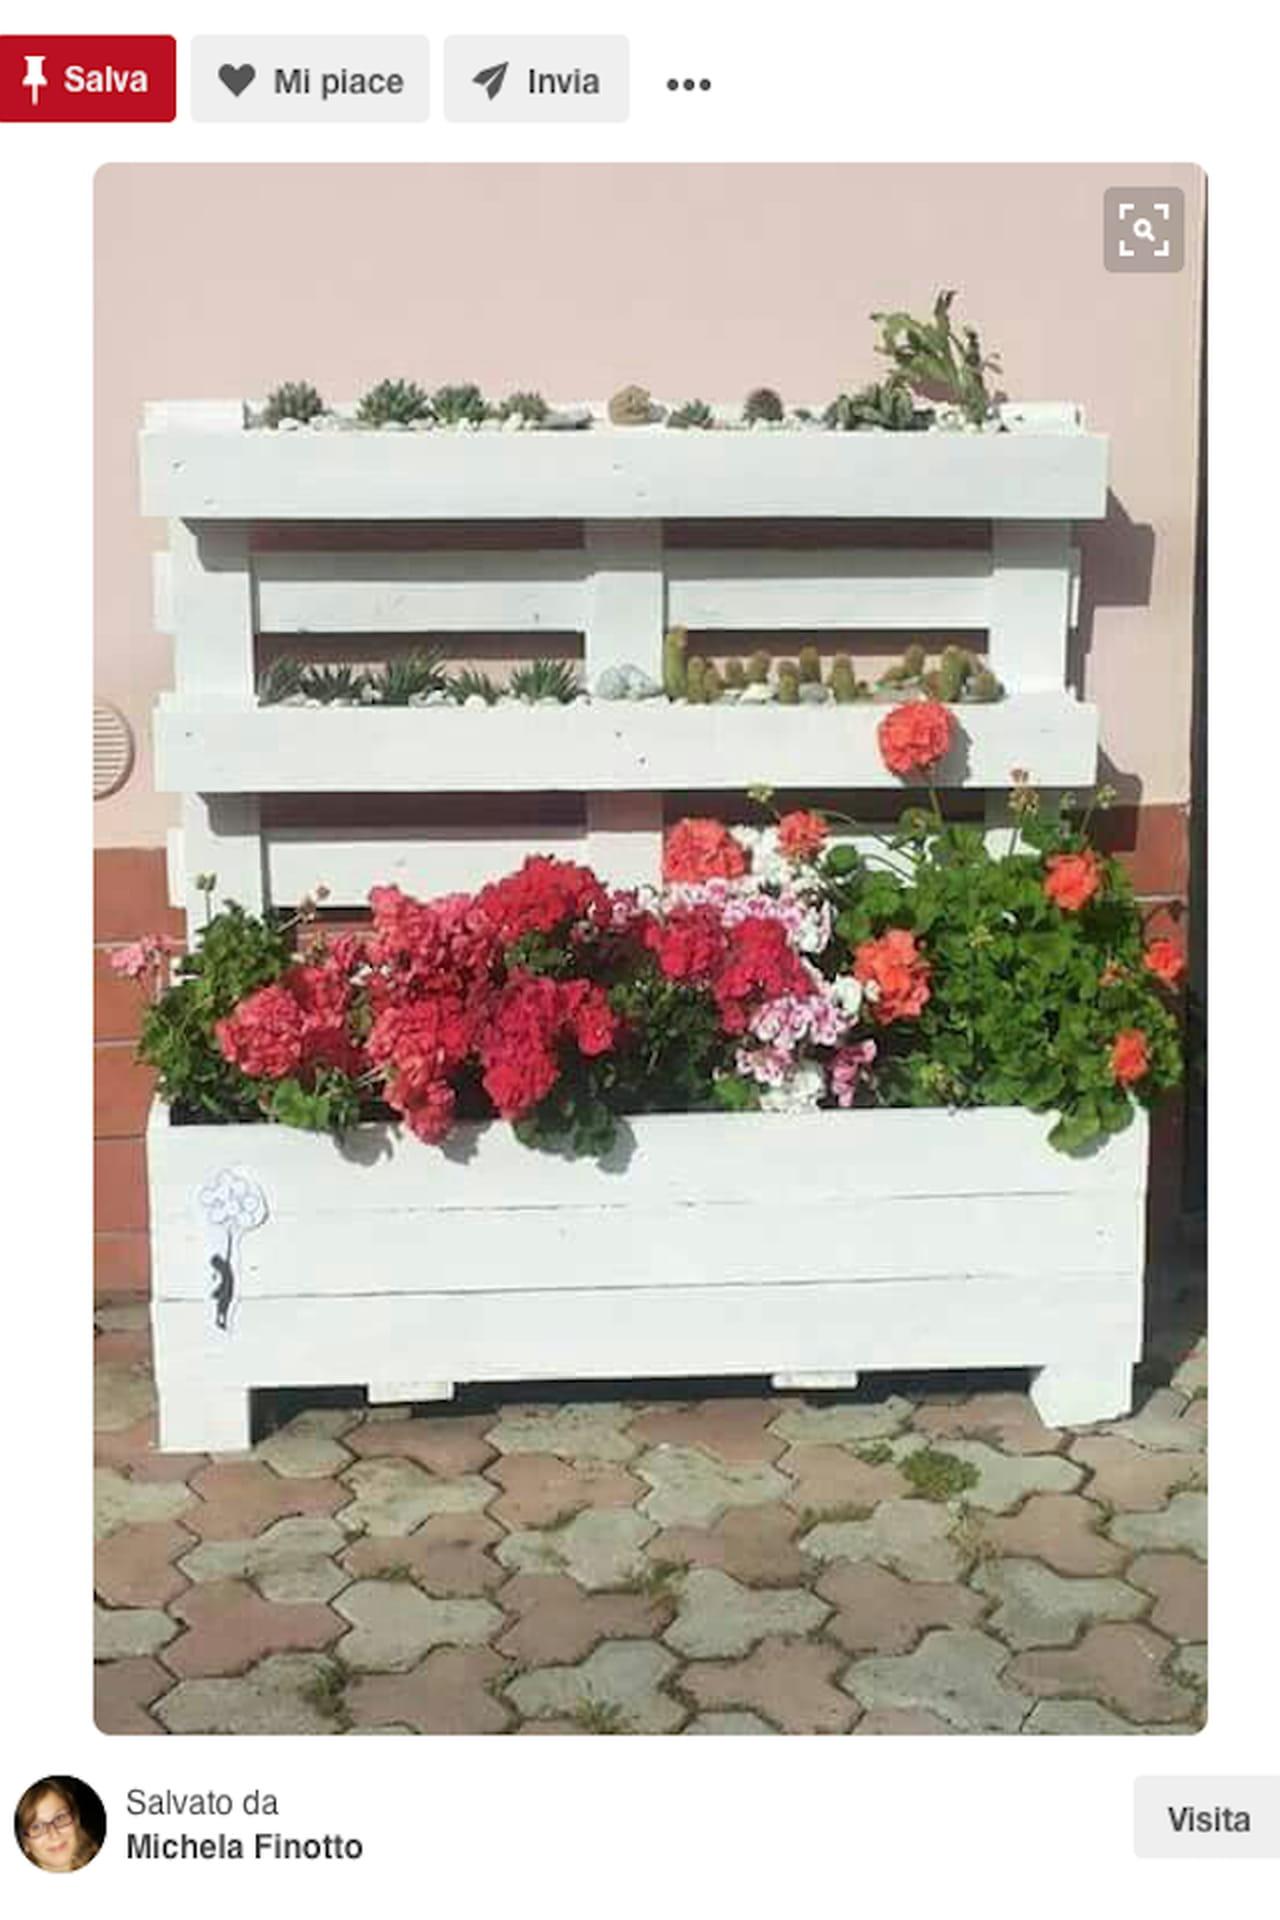 Creazioni fai da te idee giardino da pinterest for Laghetti da giardino fai da te